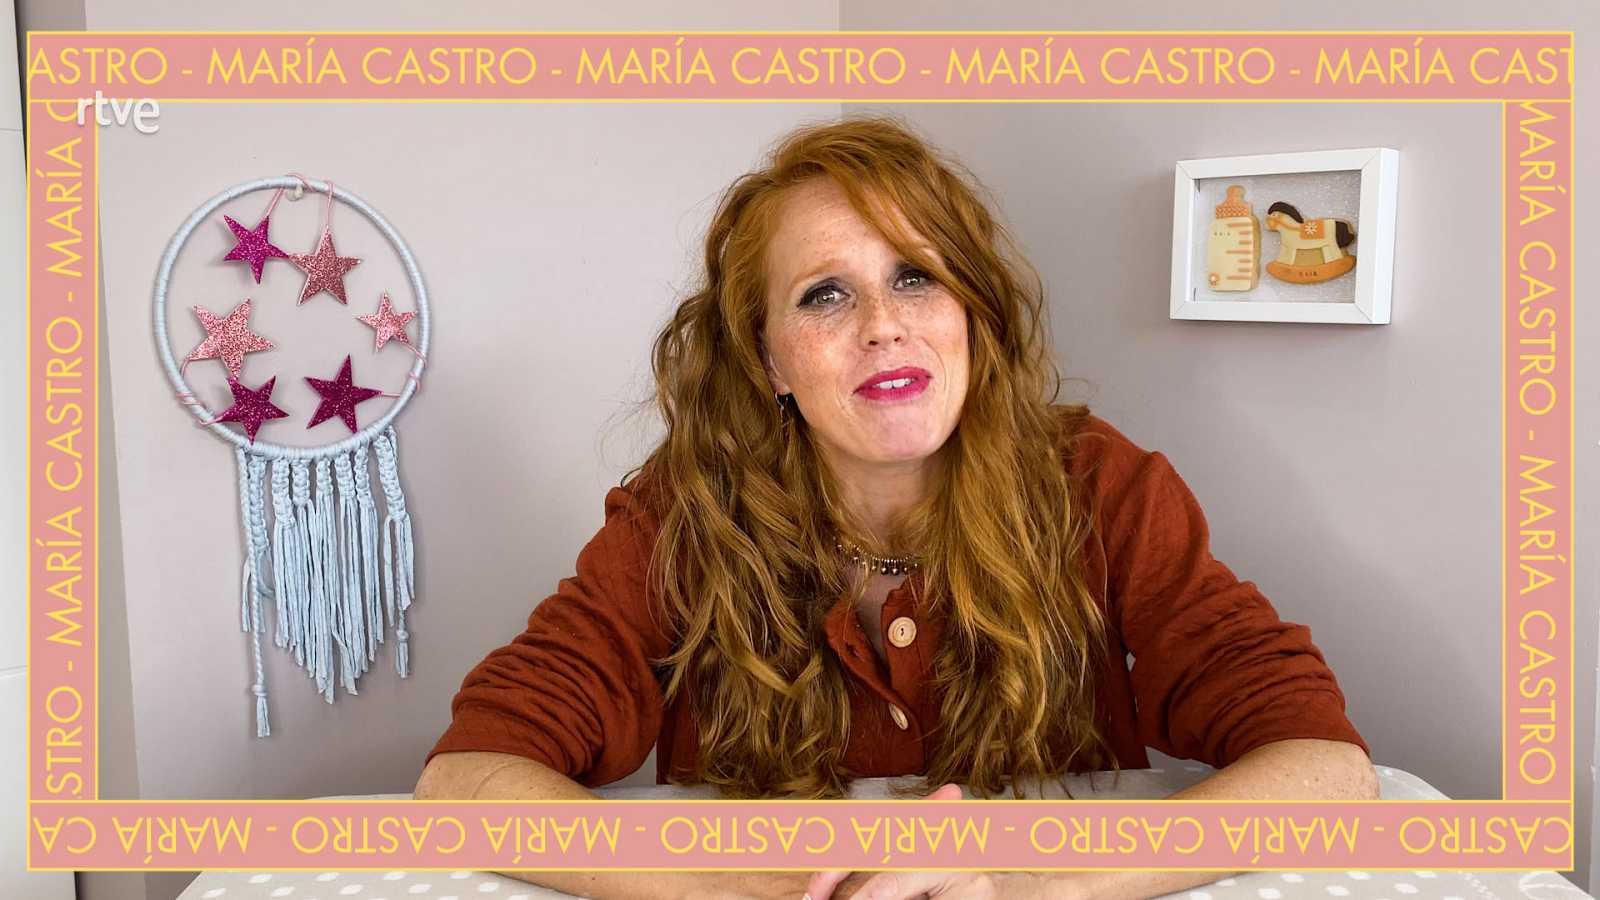 Los 'tips' de María Castro para cuidar a un recién nacido